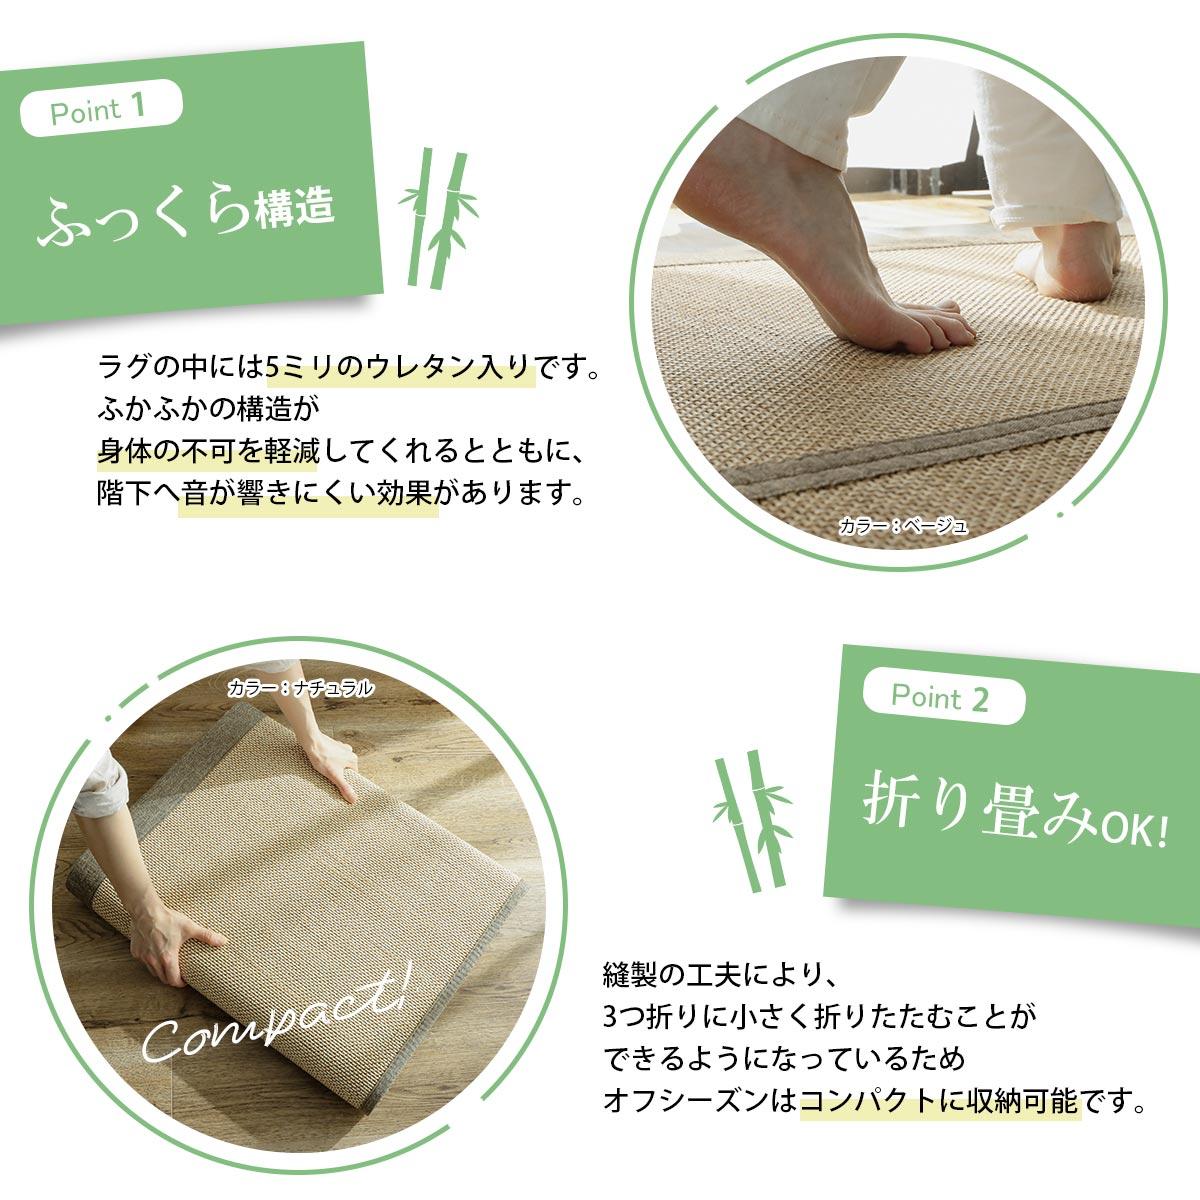 竹ラグのメリット